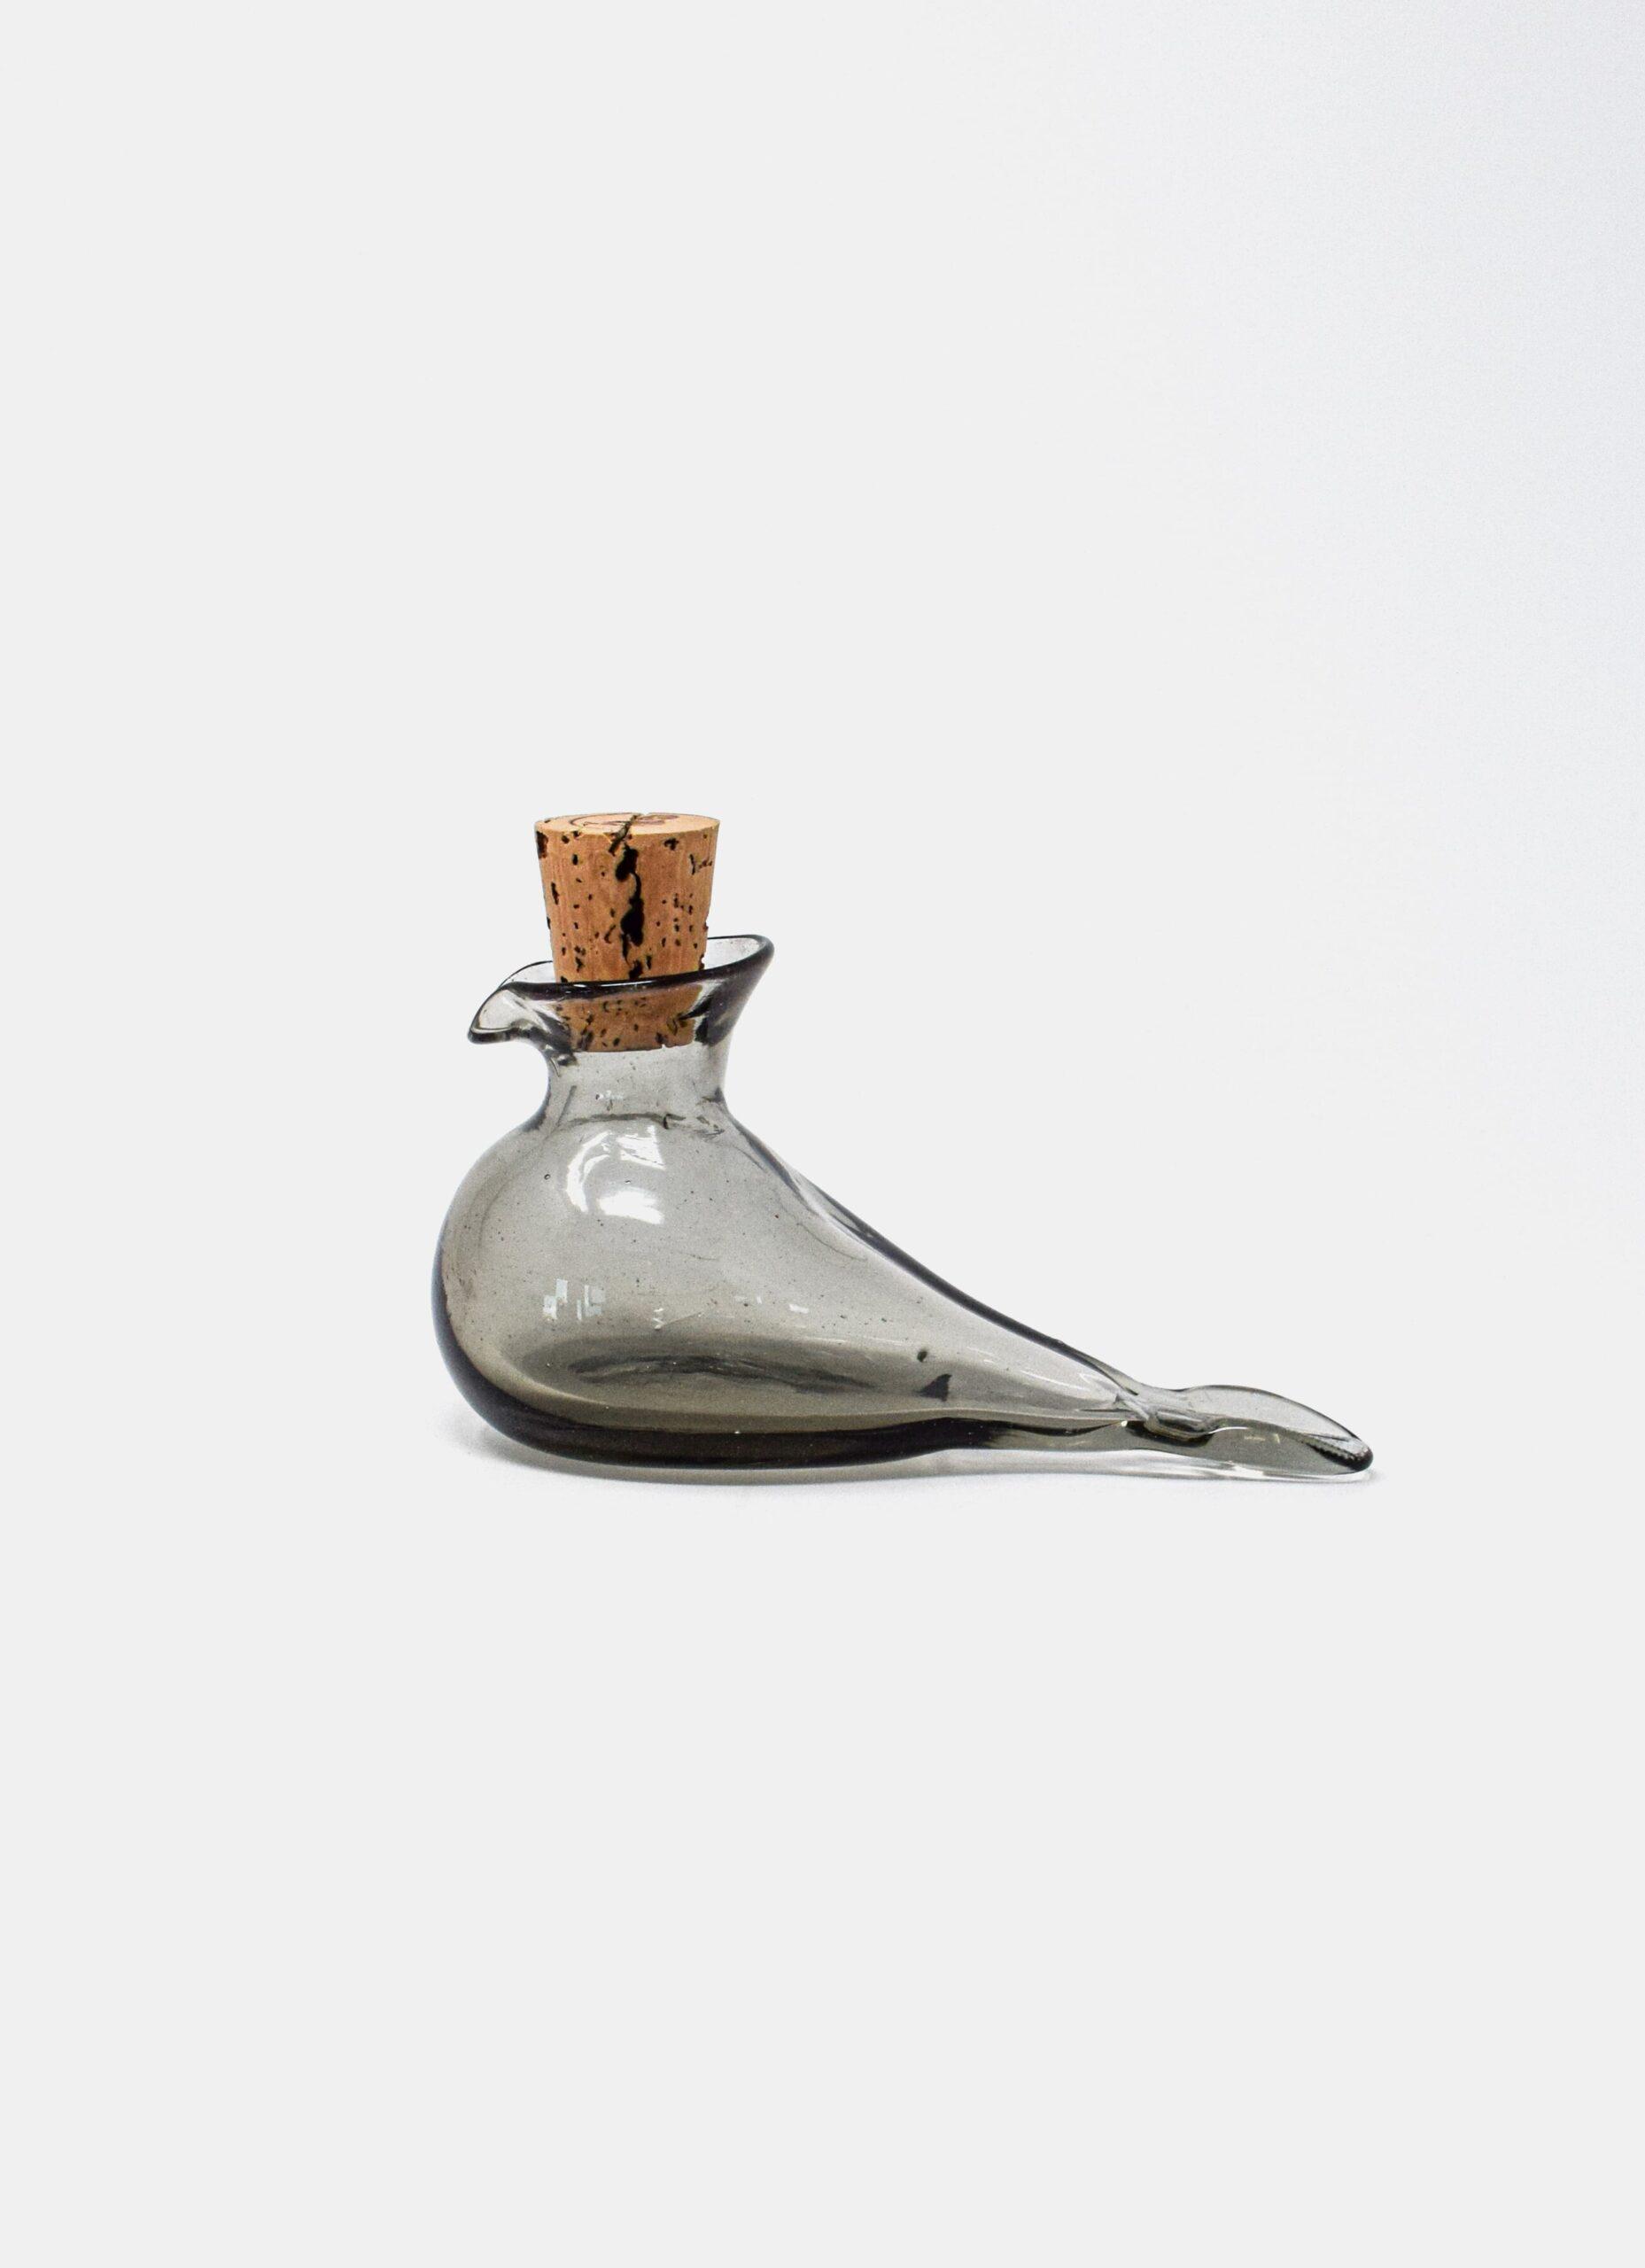 La Soufflerie - Handblown glass - Petit Oiseau - Glass Bottle - Smoke